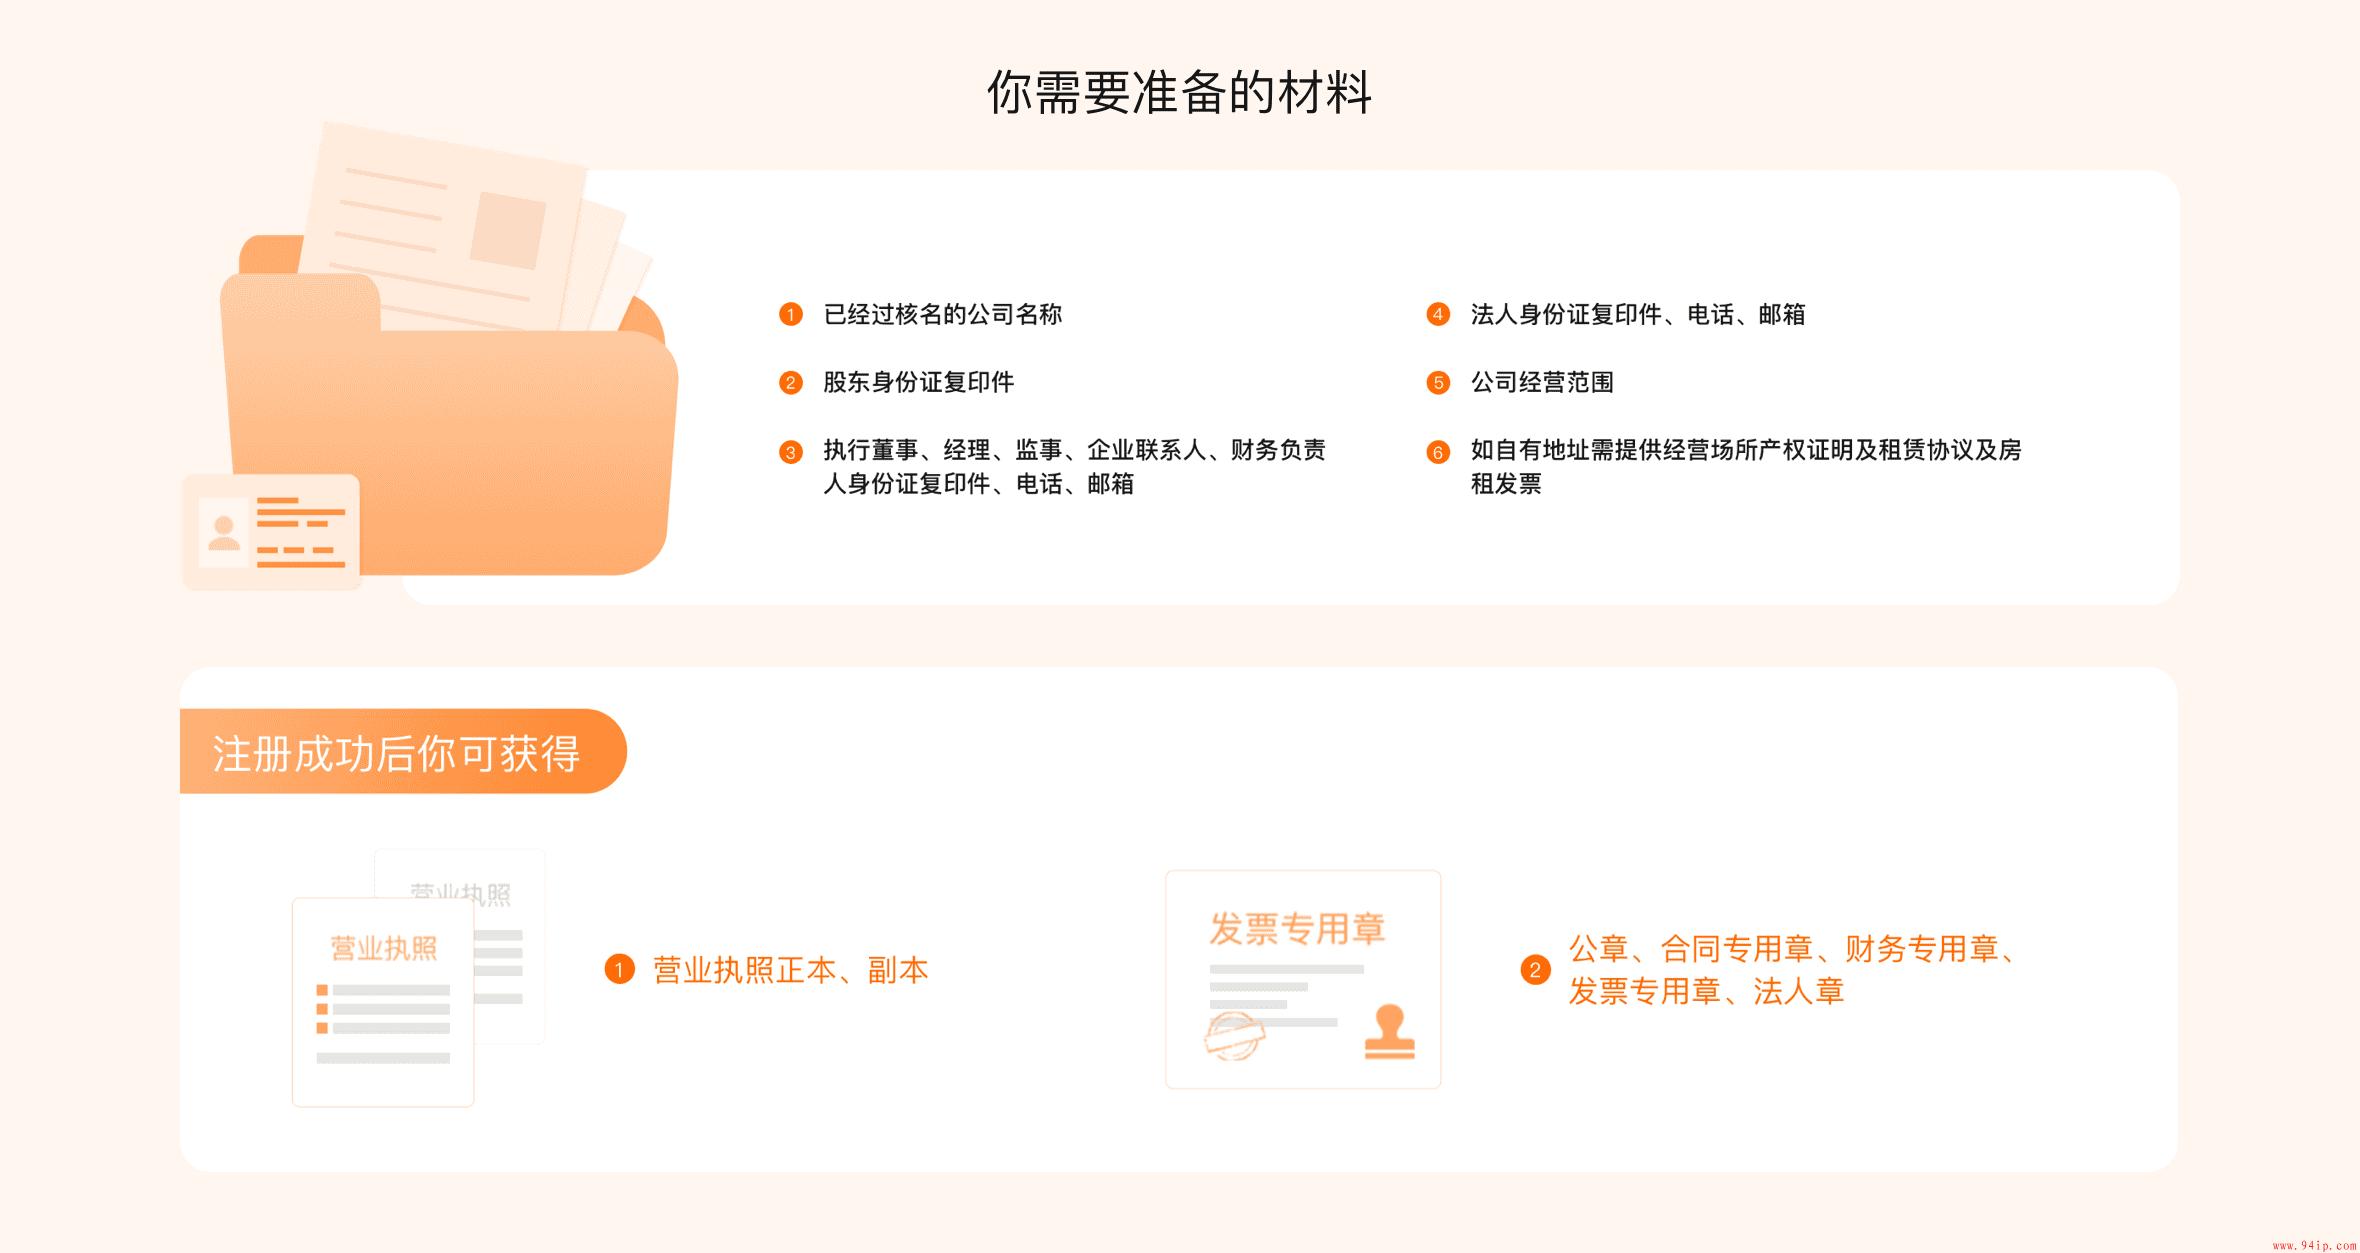 阿里云公司注册-提供工商企业注册,公司名称免费查询服务